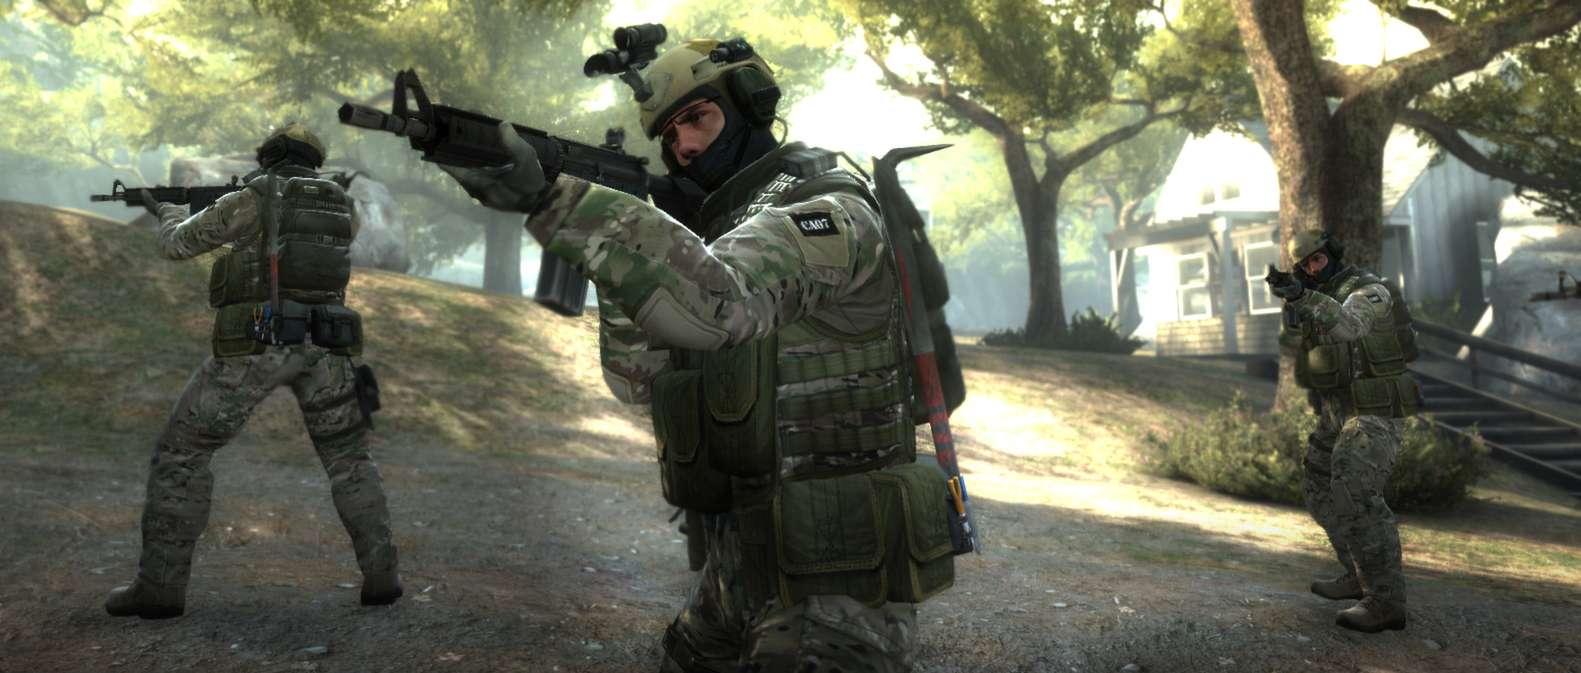 Counter-Strike Gameserver mieten